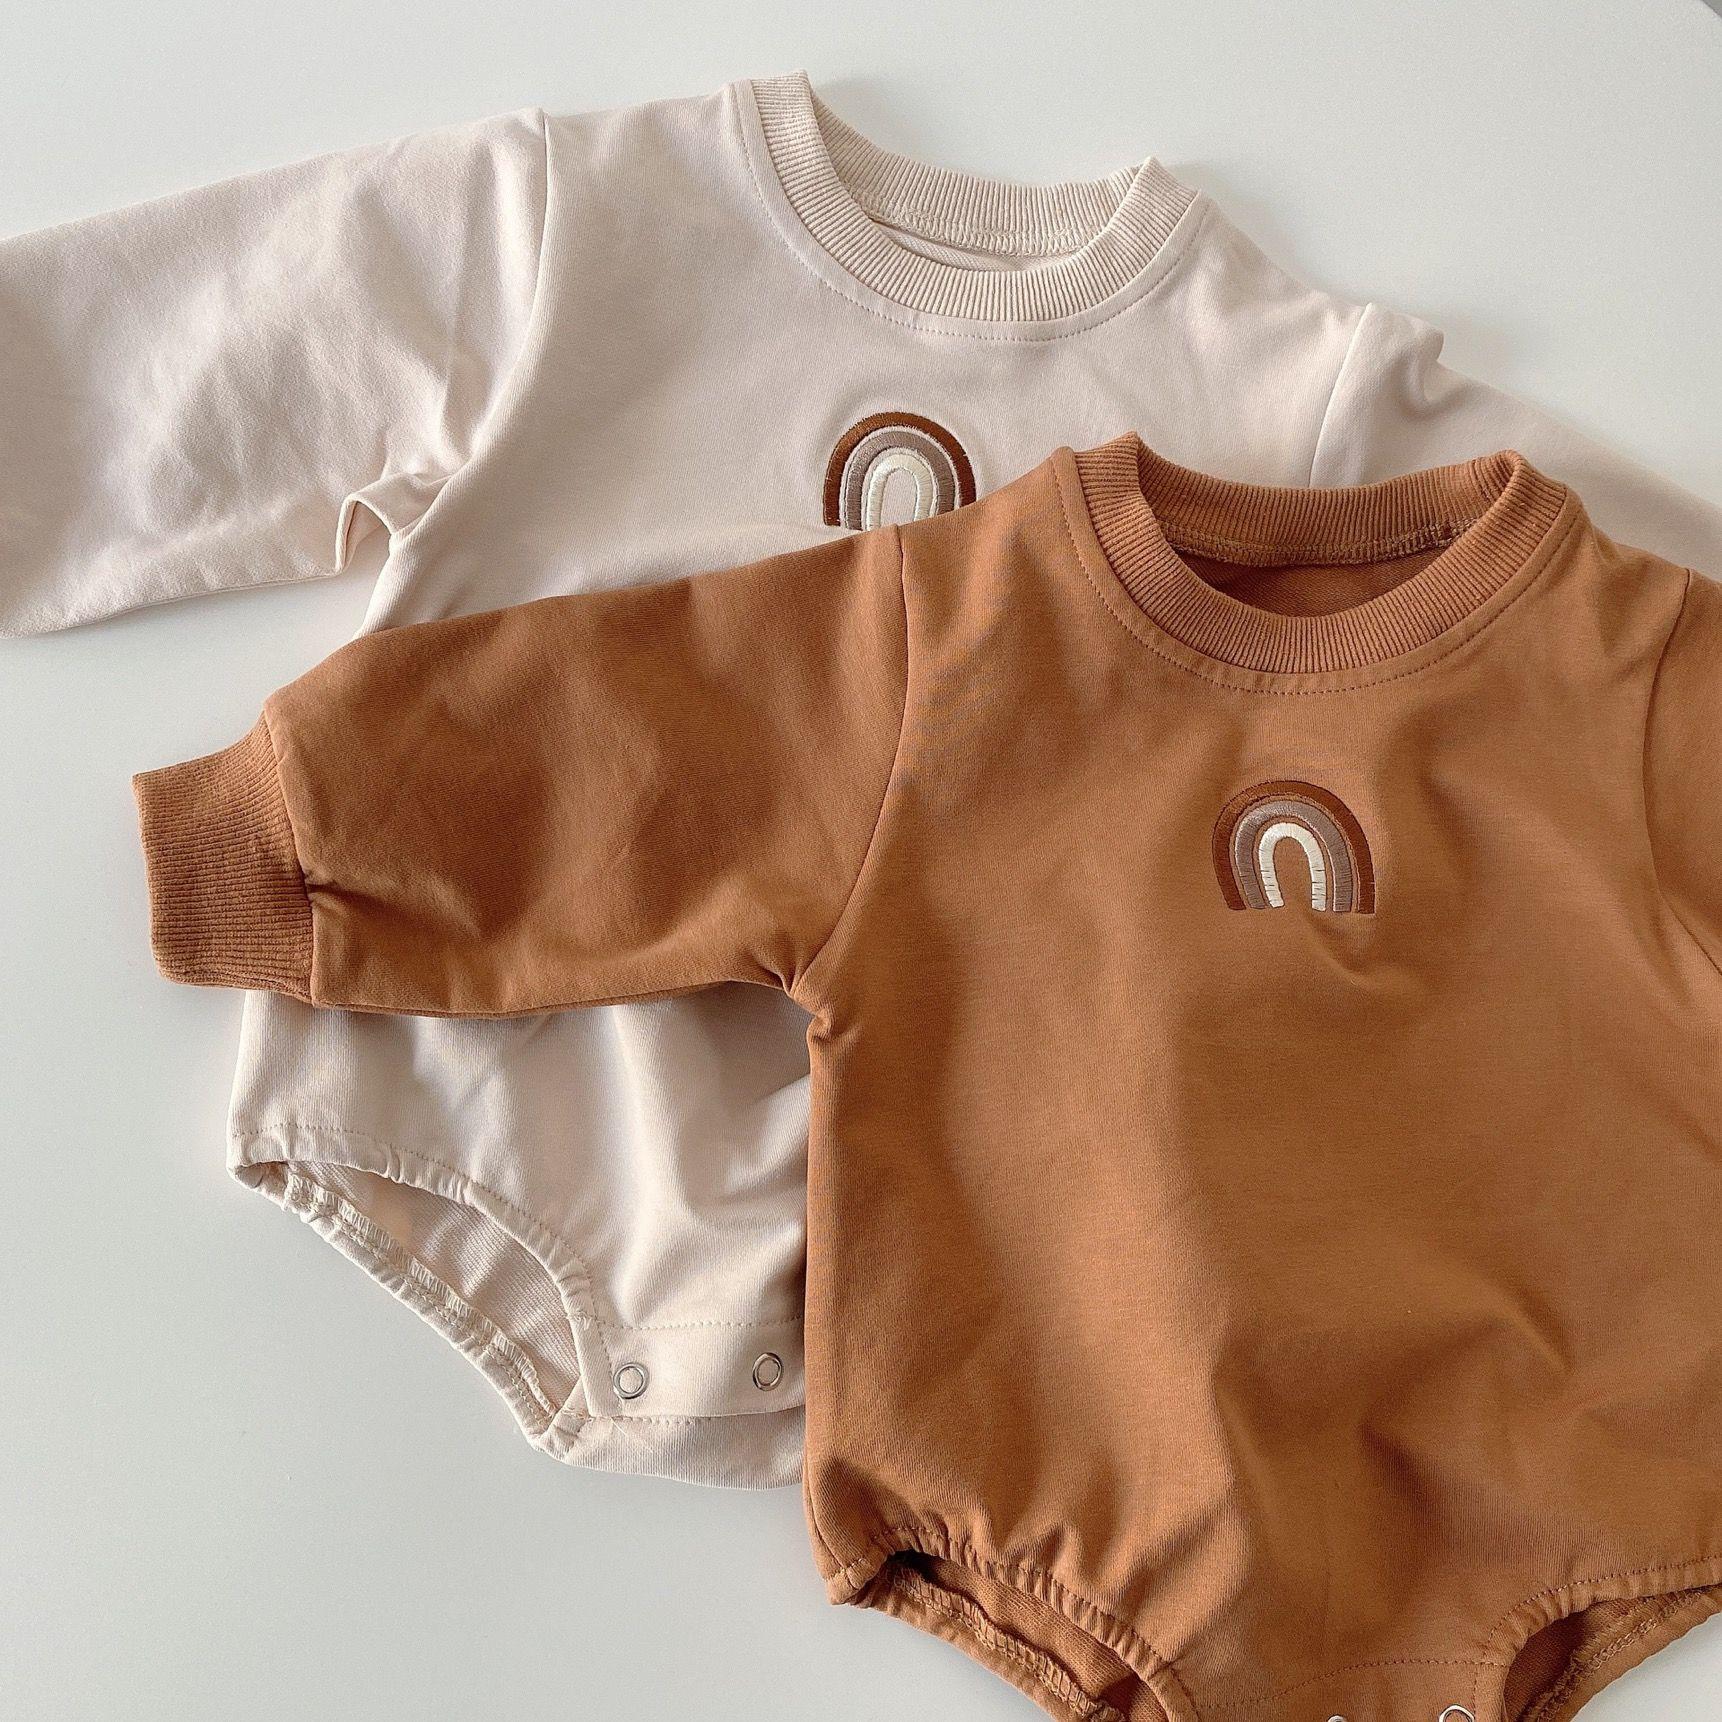 Ins الكورية استراليا جودة الطفل السروال القصير حللا طويلة الأكمام قوس قزح التطريز الربيع الشتاء الوليد داخلية نيسيس